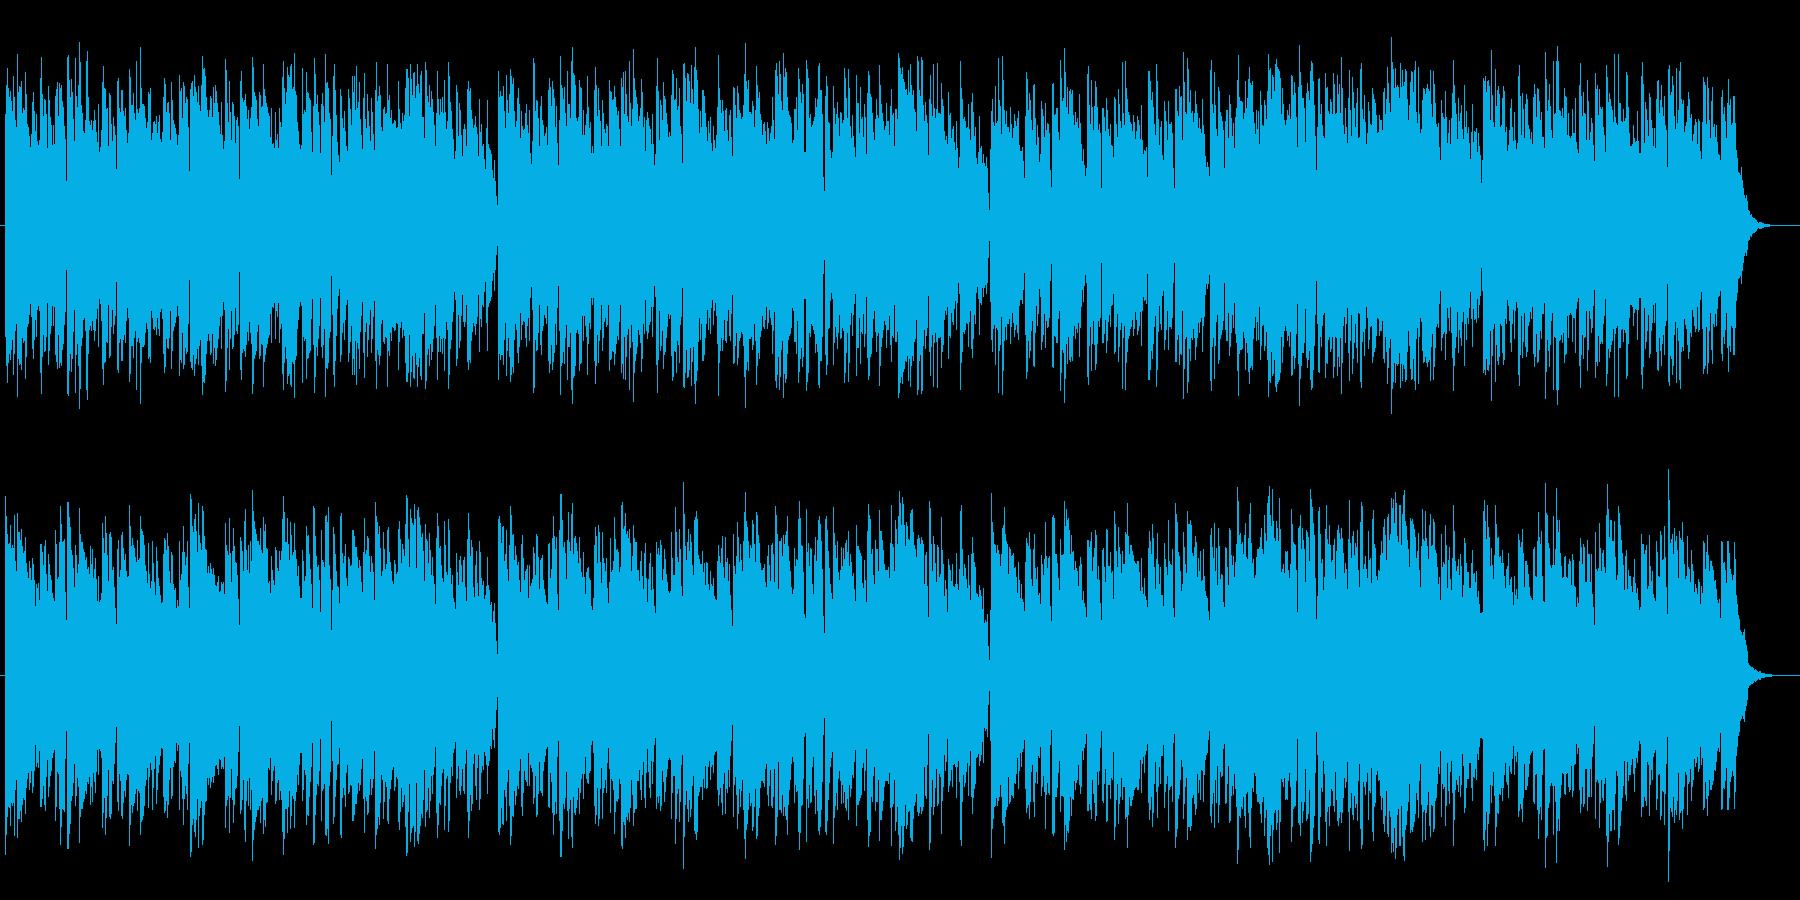 幻想的でマイナーなピアノメロディーの再生済みの波形